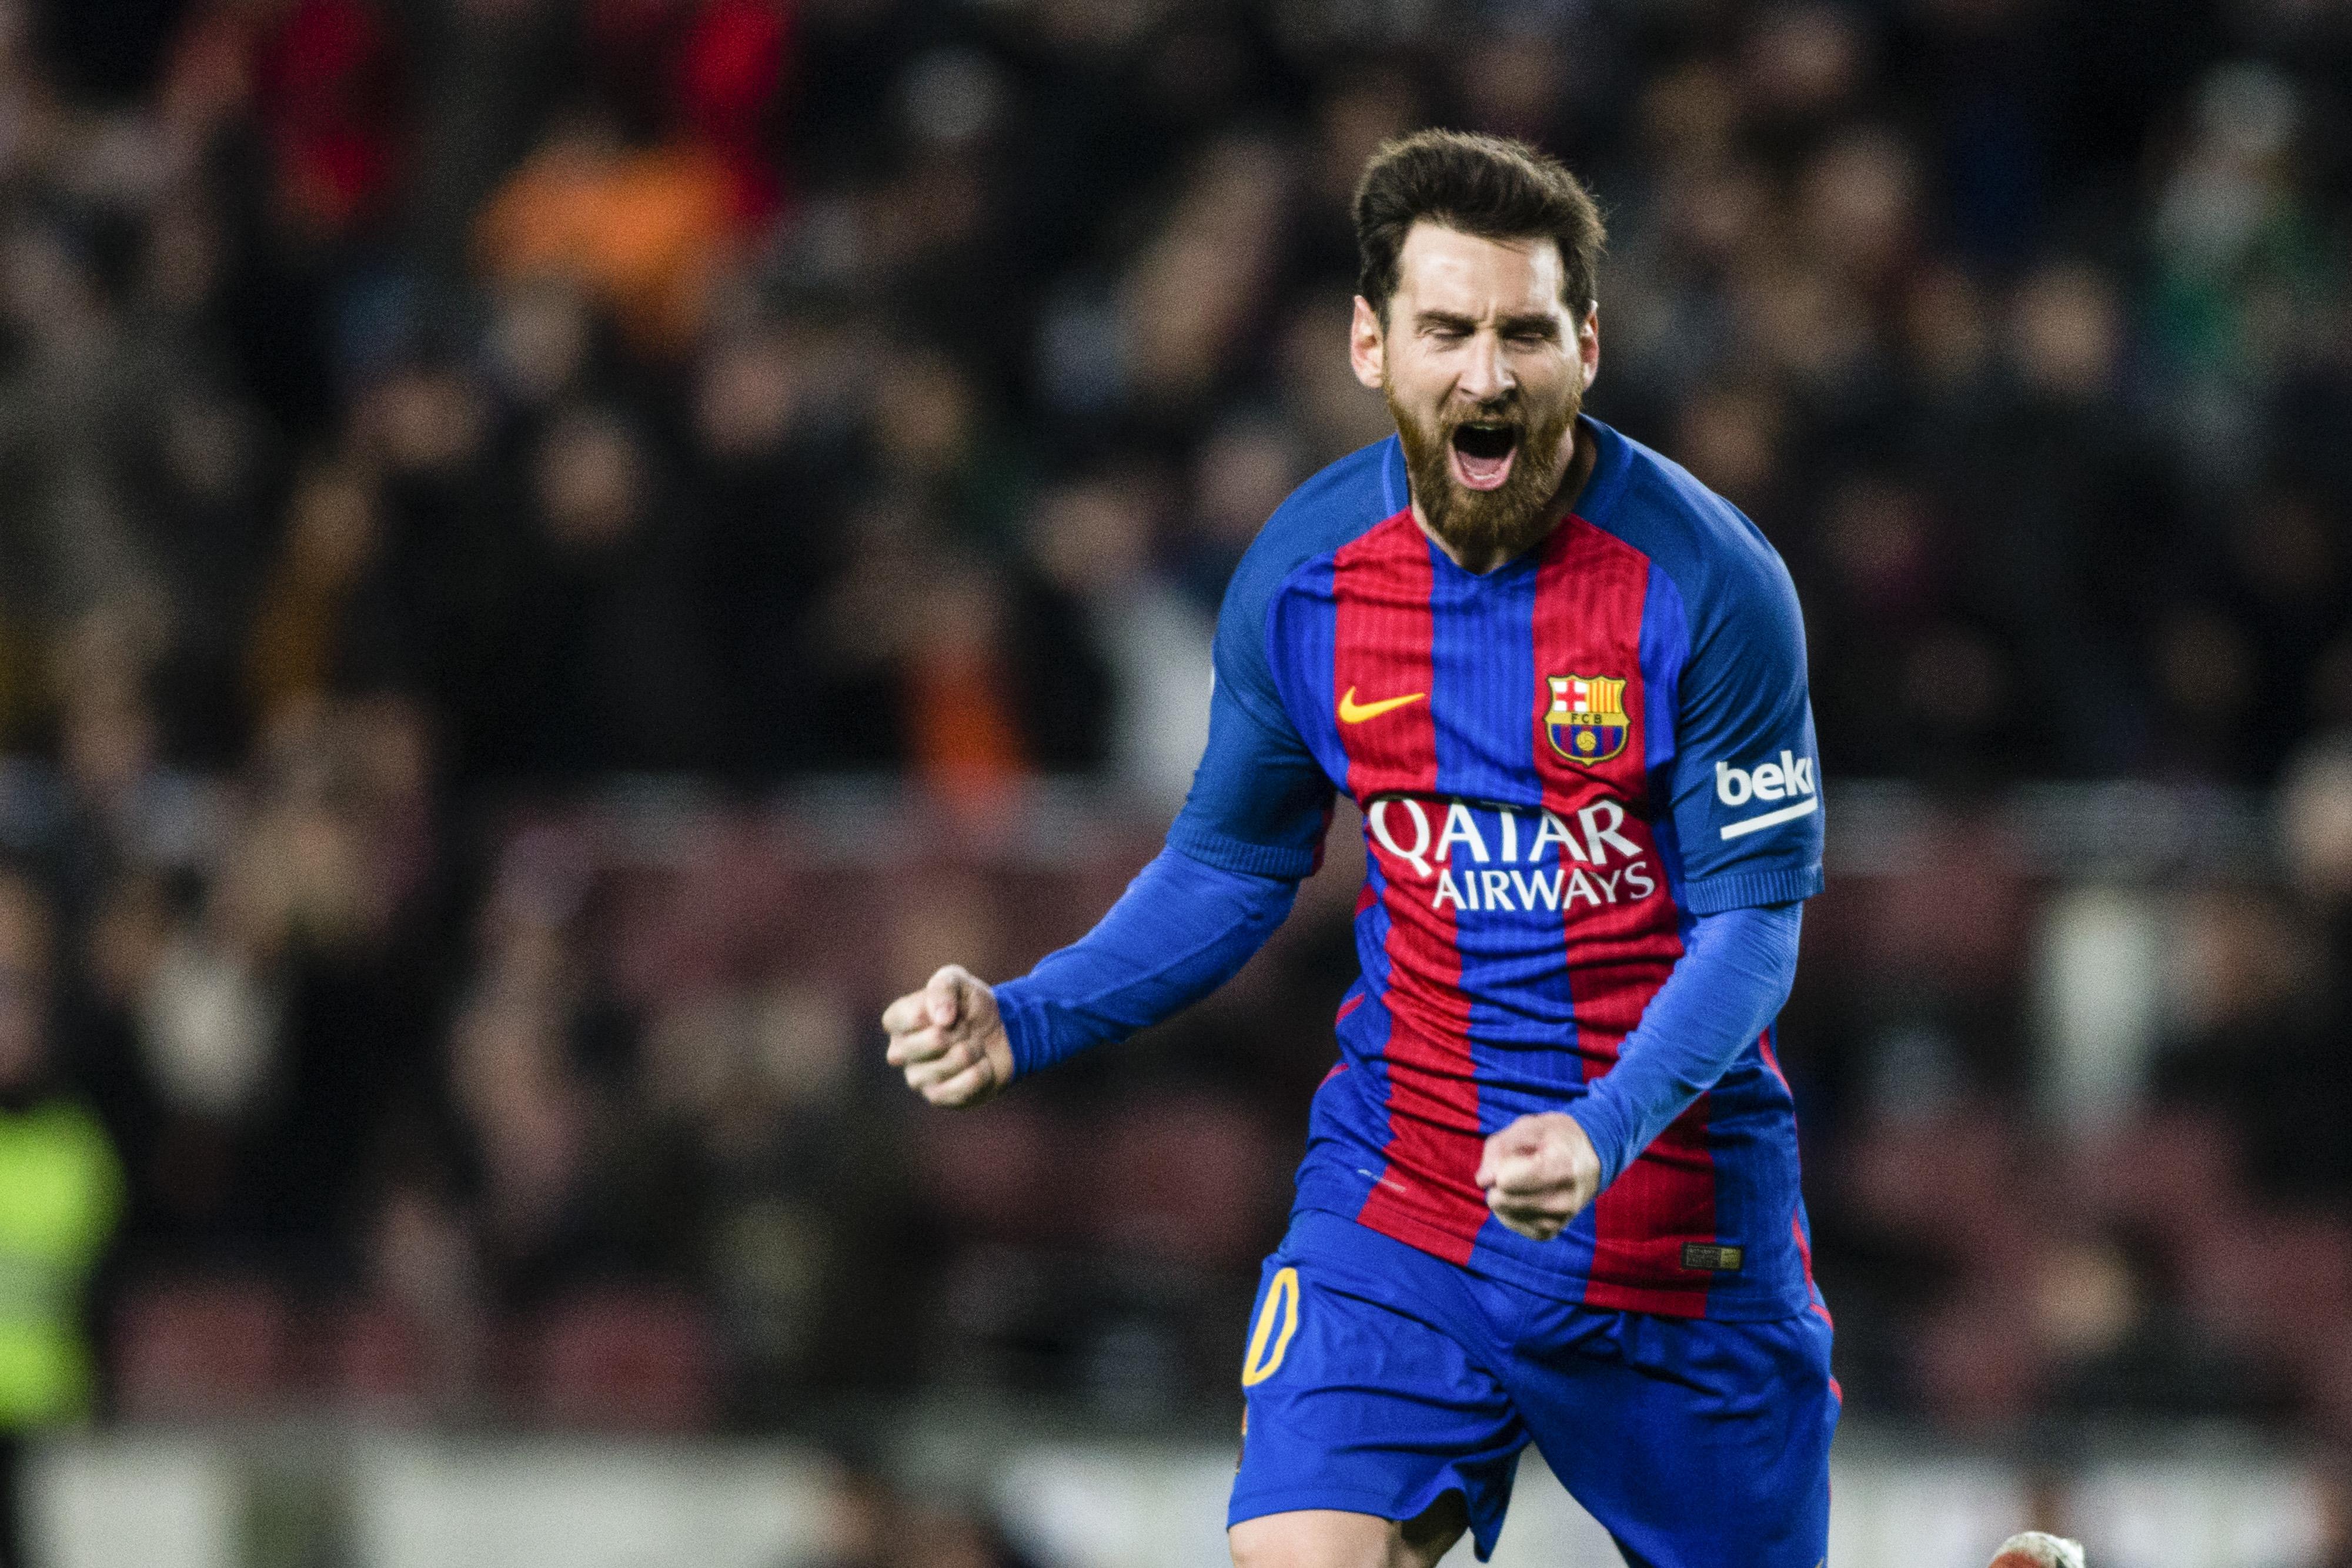 Lionel Messi celebra tras anotarle un gol de tiro libre al Athletic Club de Bilbao en el partido de octavos de final de la Copa del Rey en el Camp Nou en Barcelona. (Crédito: Xavier Bonilla/NurPhoto via Getty Images)